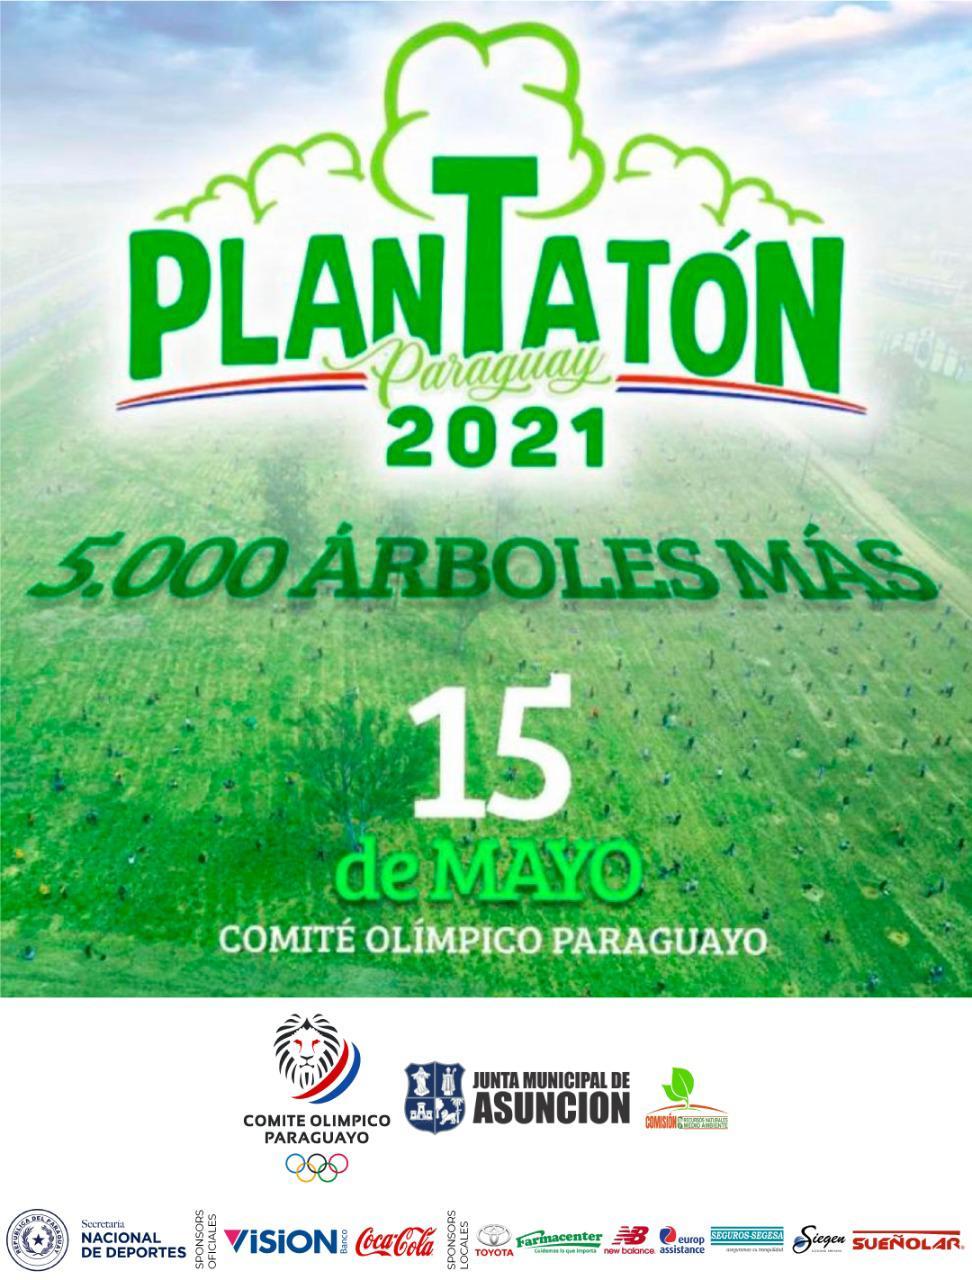 Plantatón en el Comité Olímpico Paraguayo